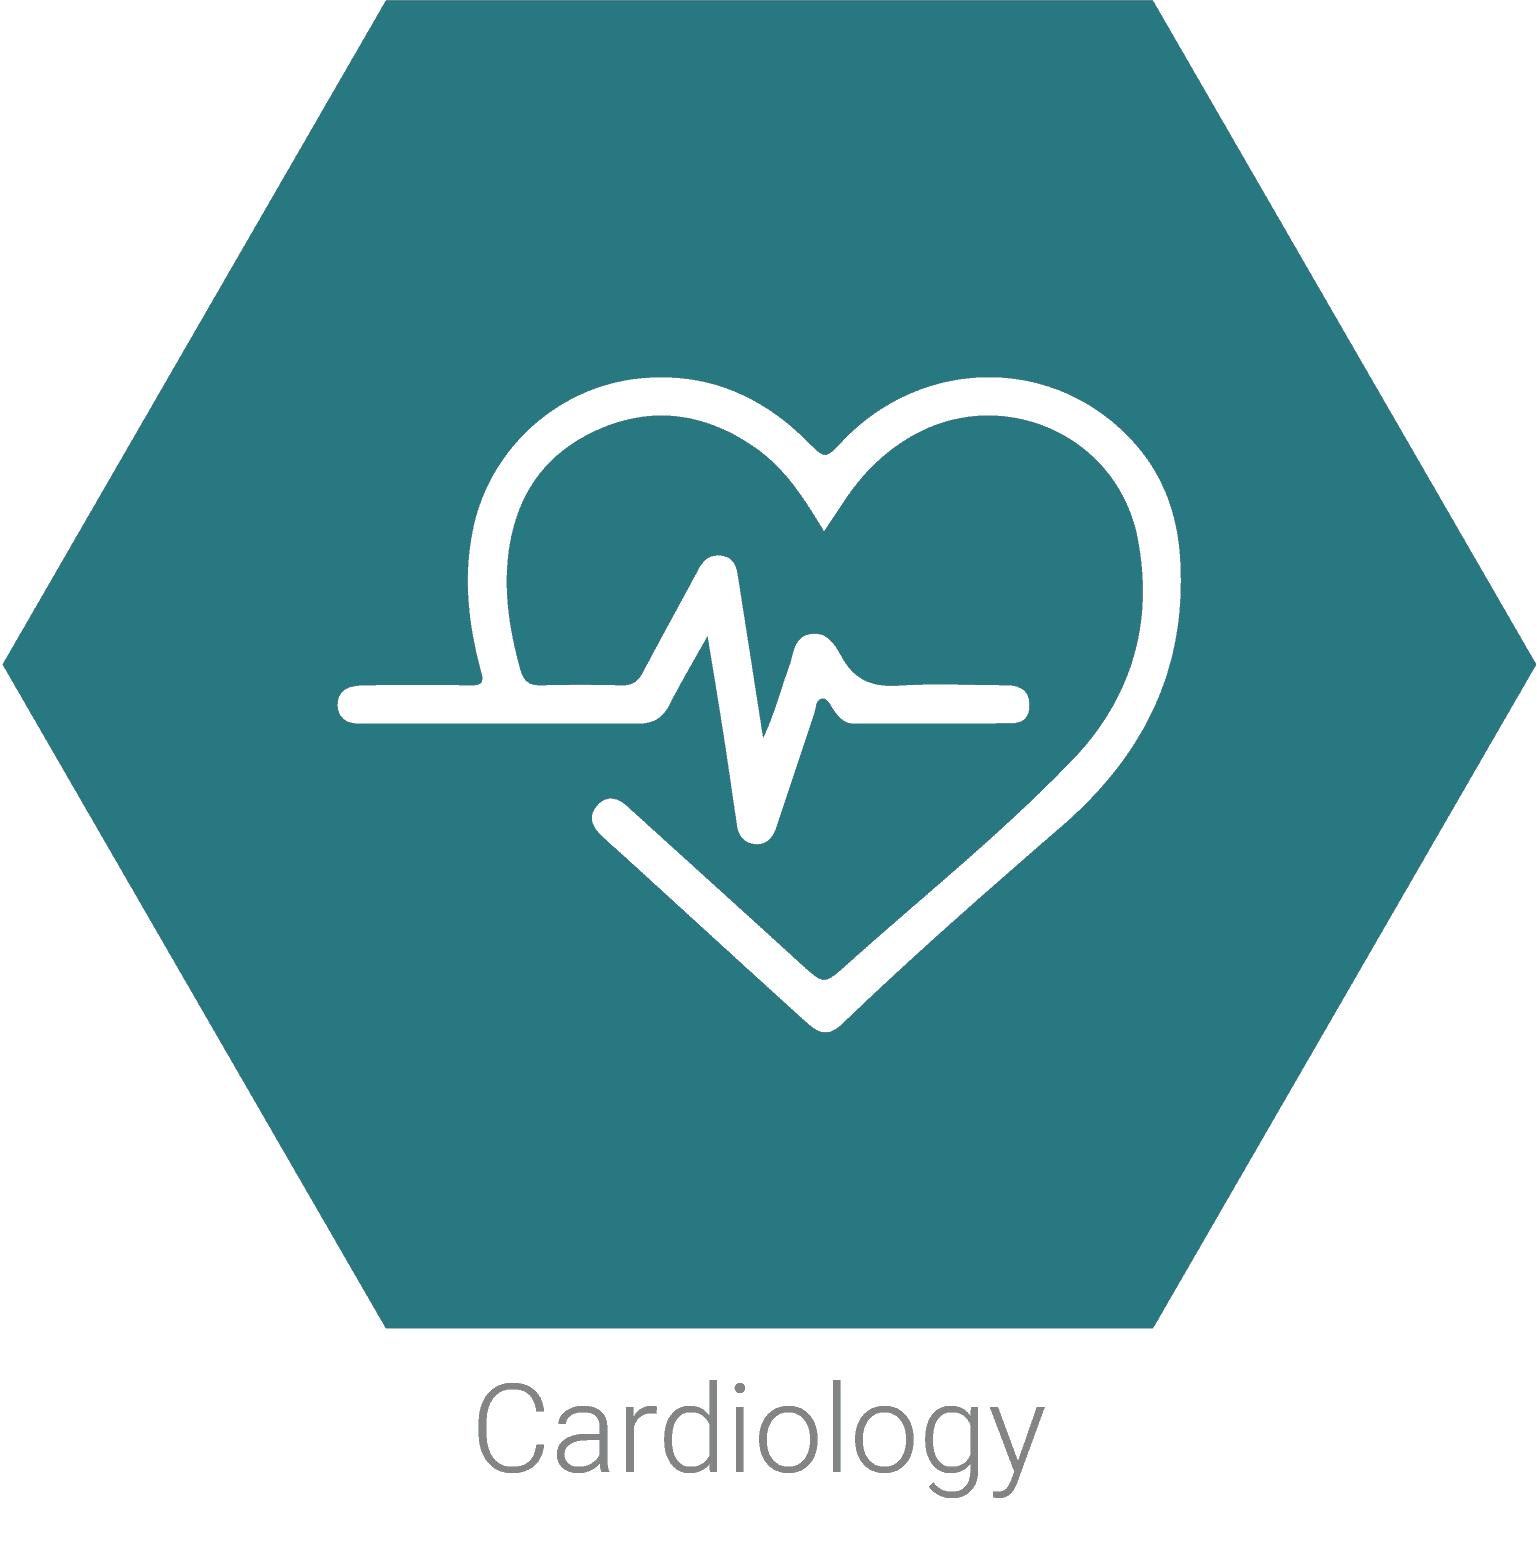 Cardiology_1